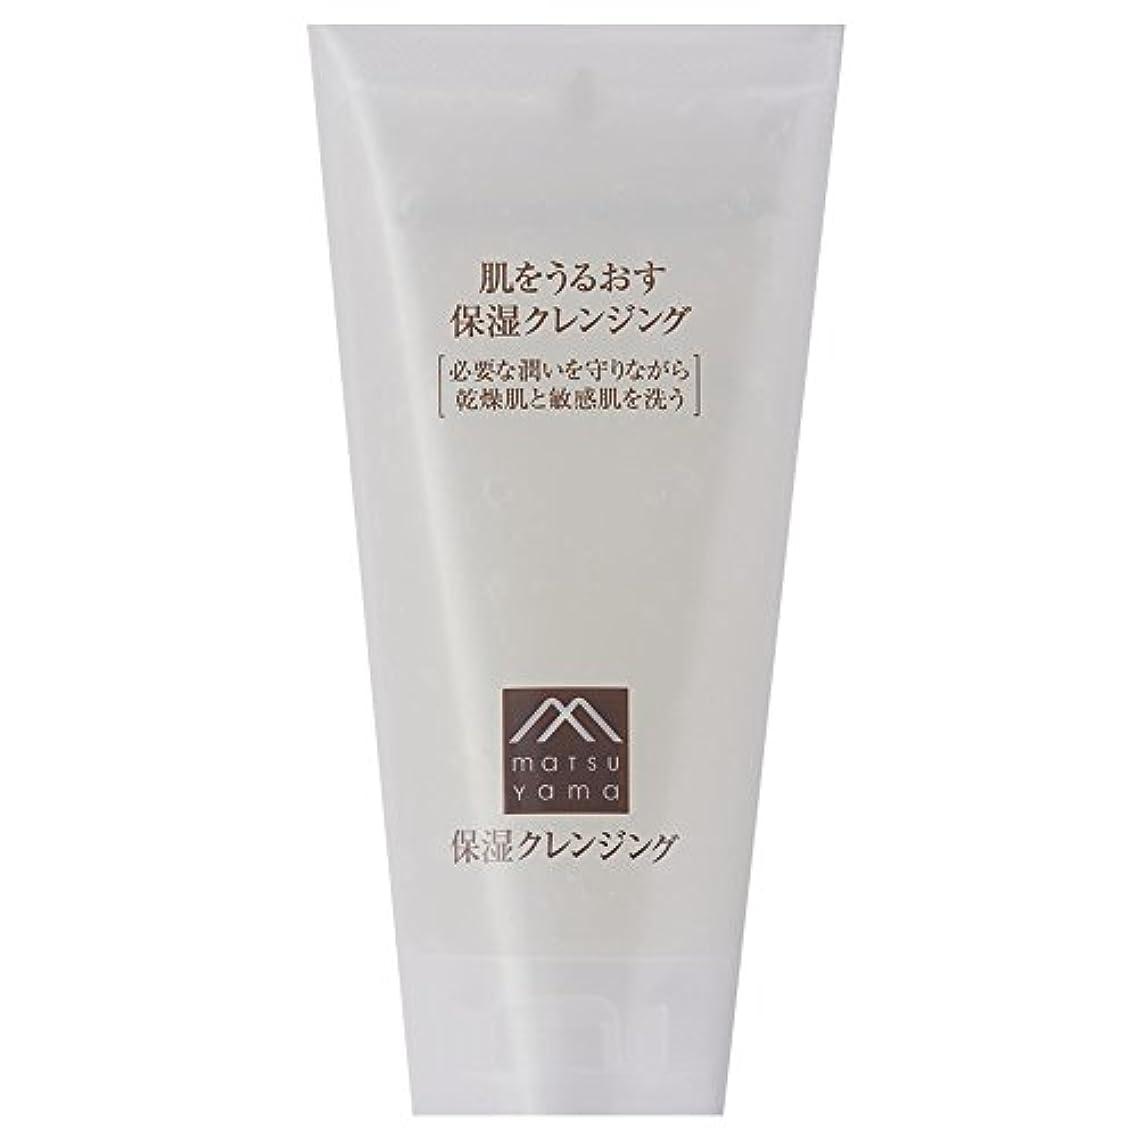 解釈的長方形ディスパッチ肌をうるおす保湿クレンジング(メイク落とし) 保湿 乾燥肌 敏感肌